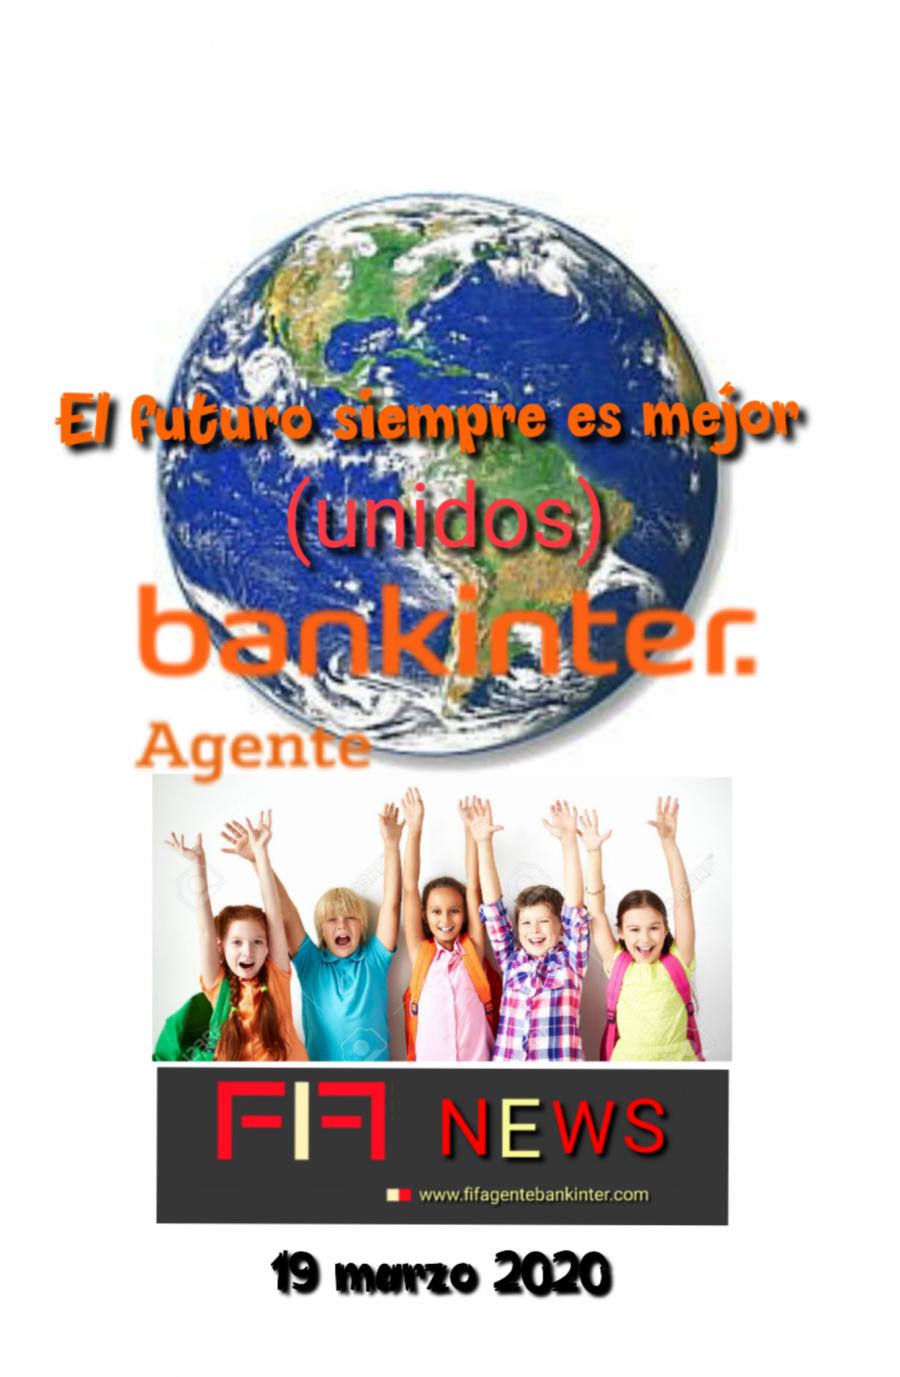 FIF NEWS 19 marzo 2020:                «El futuro siempre es mejor»